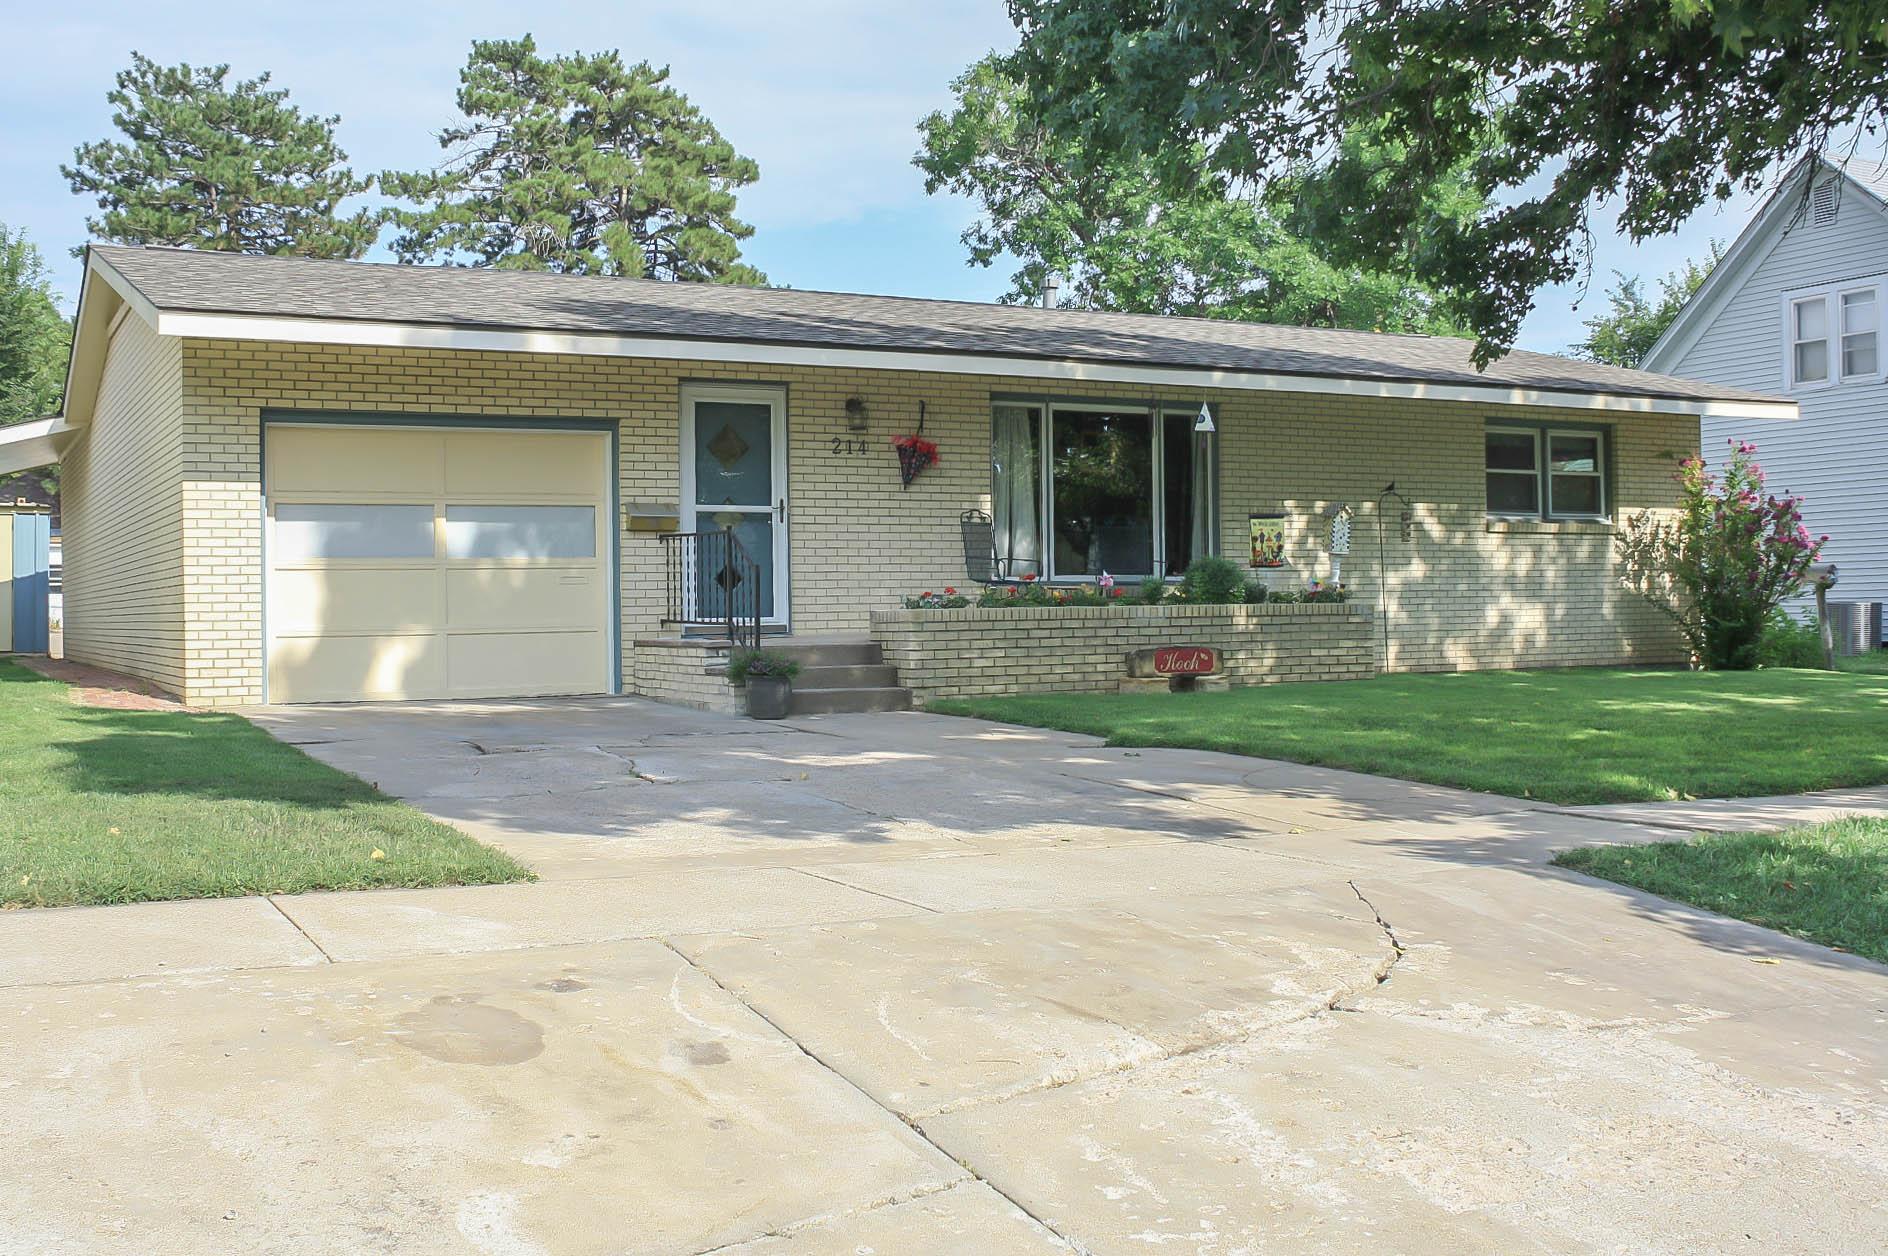 214 N Jackson St., Pratt, Kansas 67124